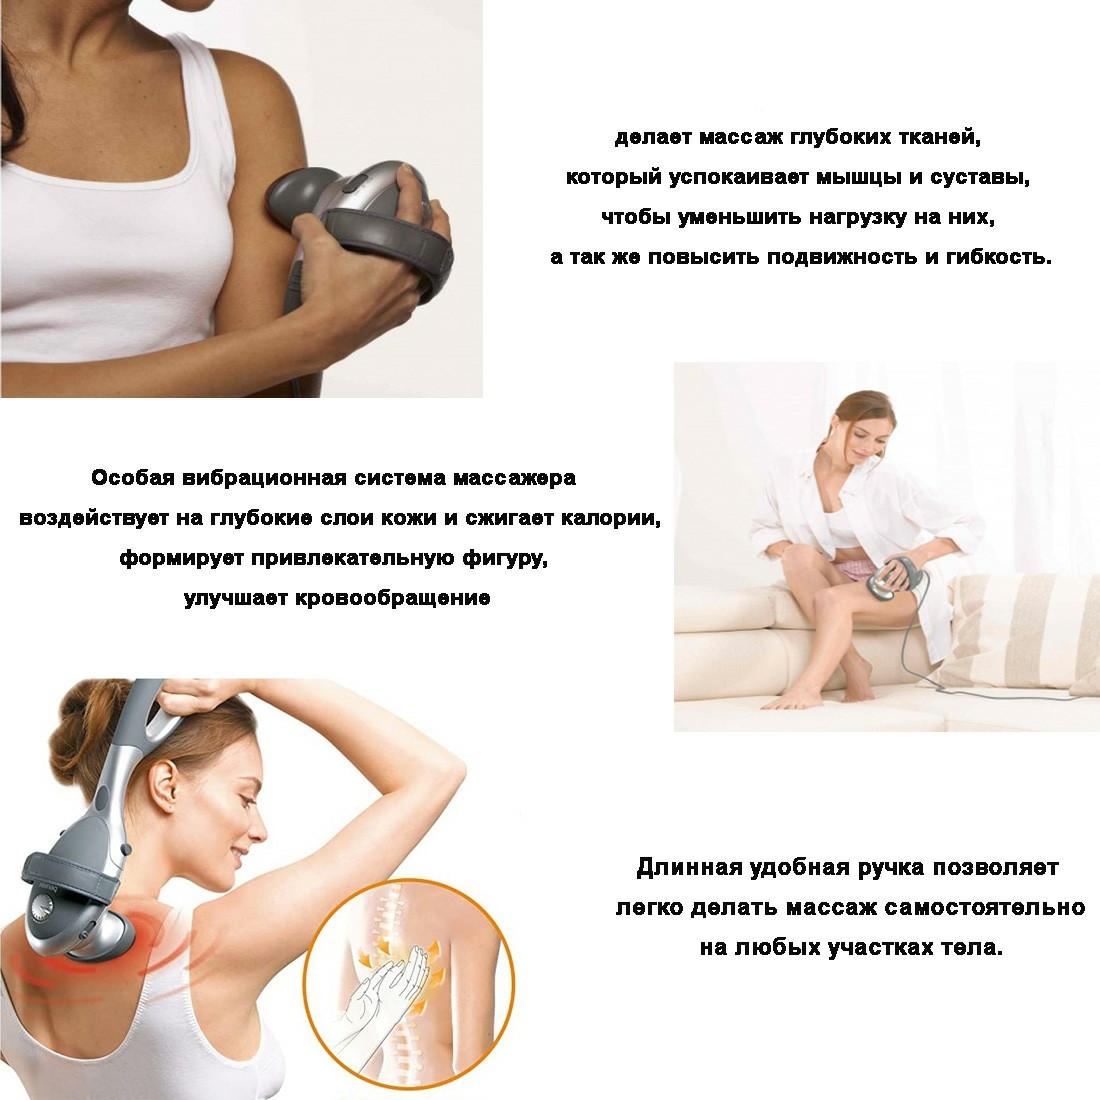 Ручний масажер для тіла з інфрачервоним прогріванням А-719